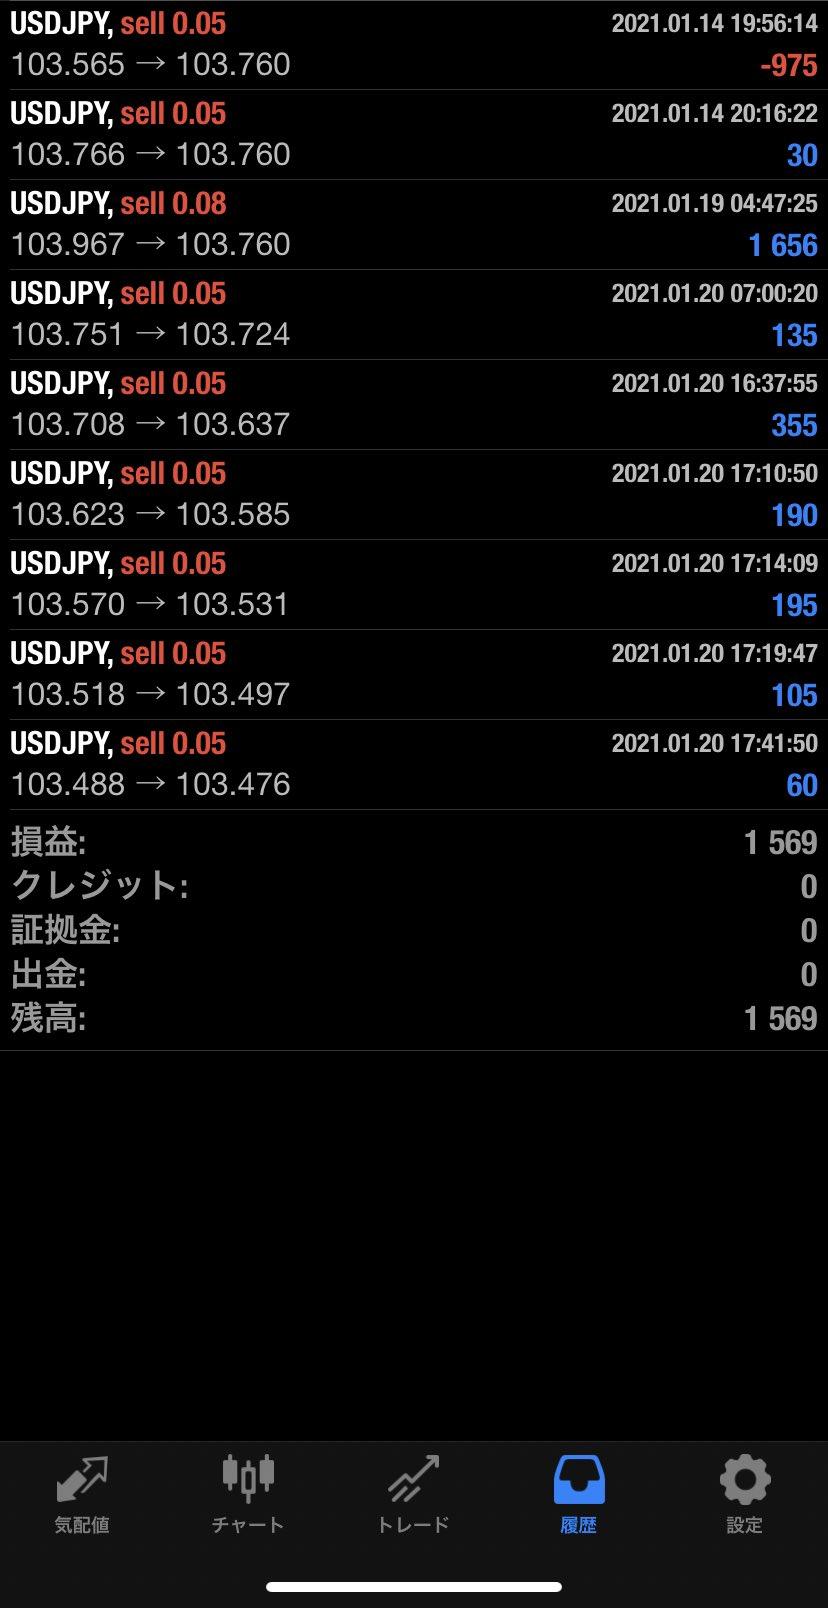 2021年1月20日 USD/JPYバージョン1,569円